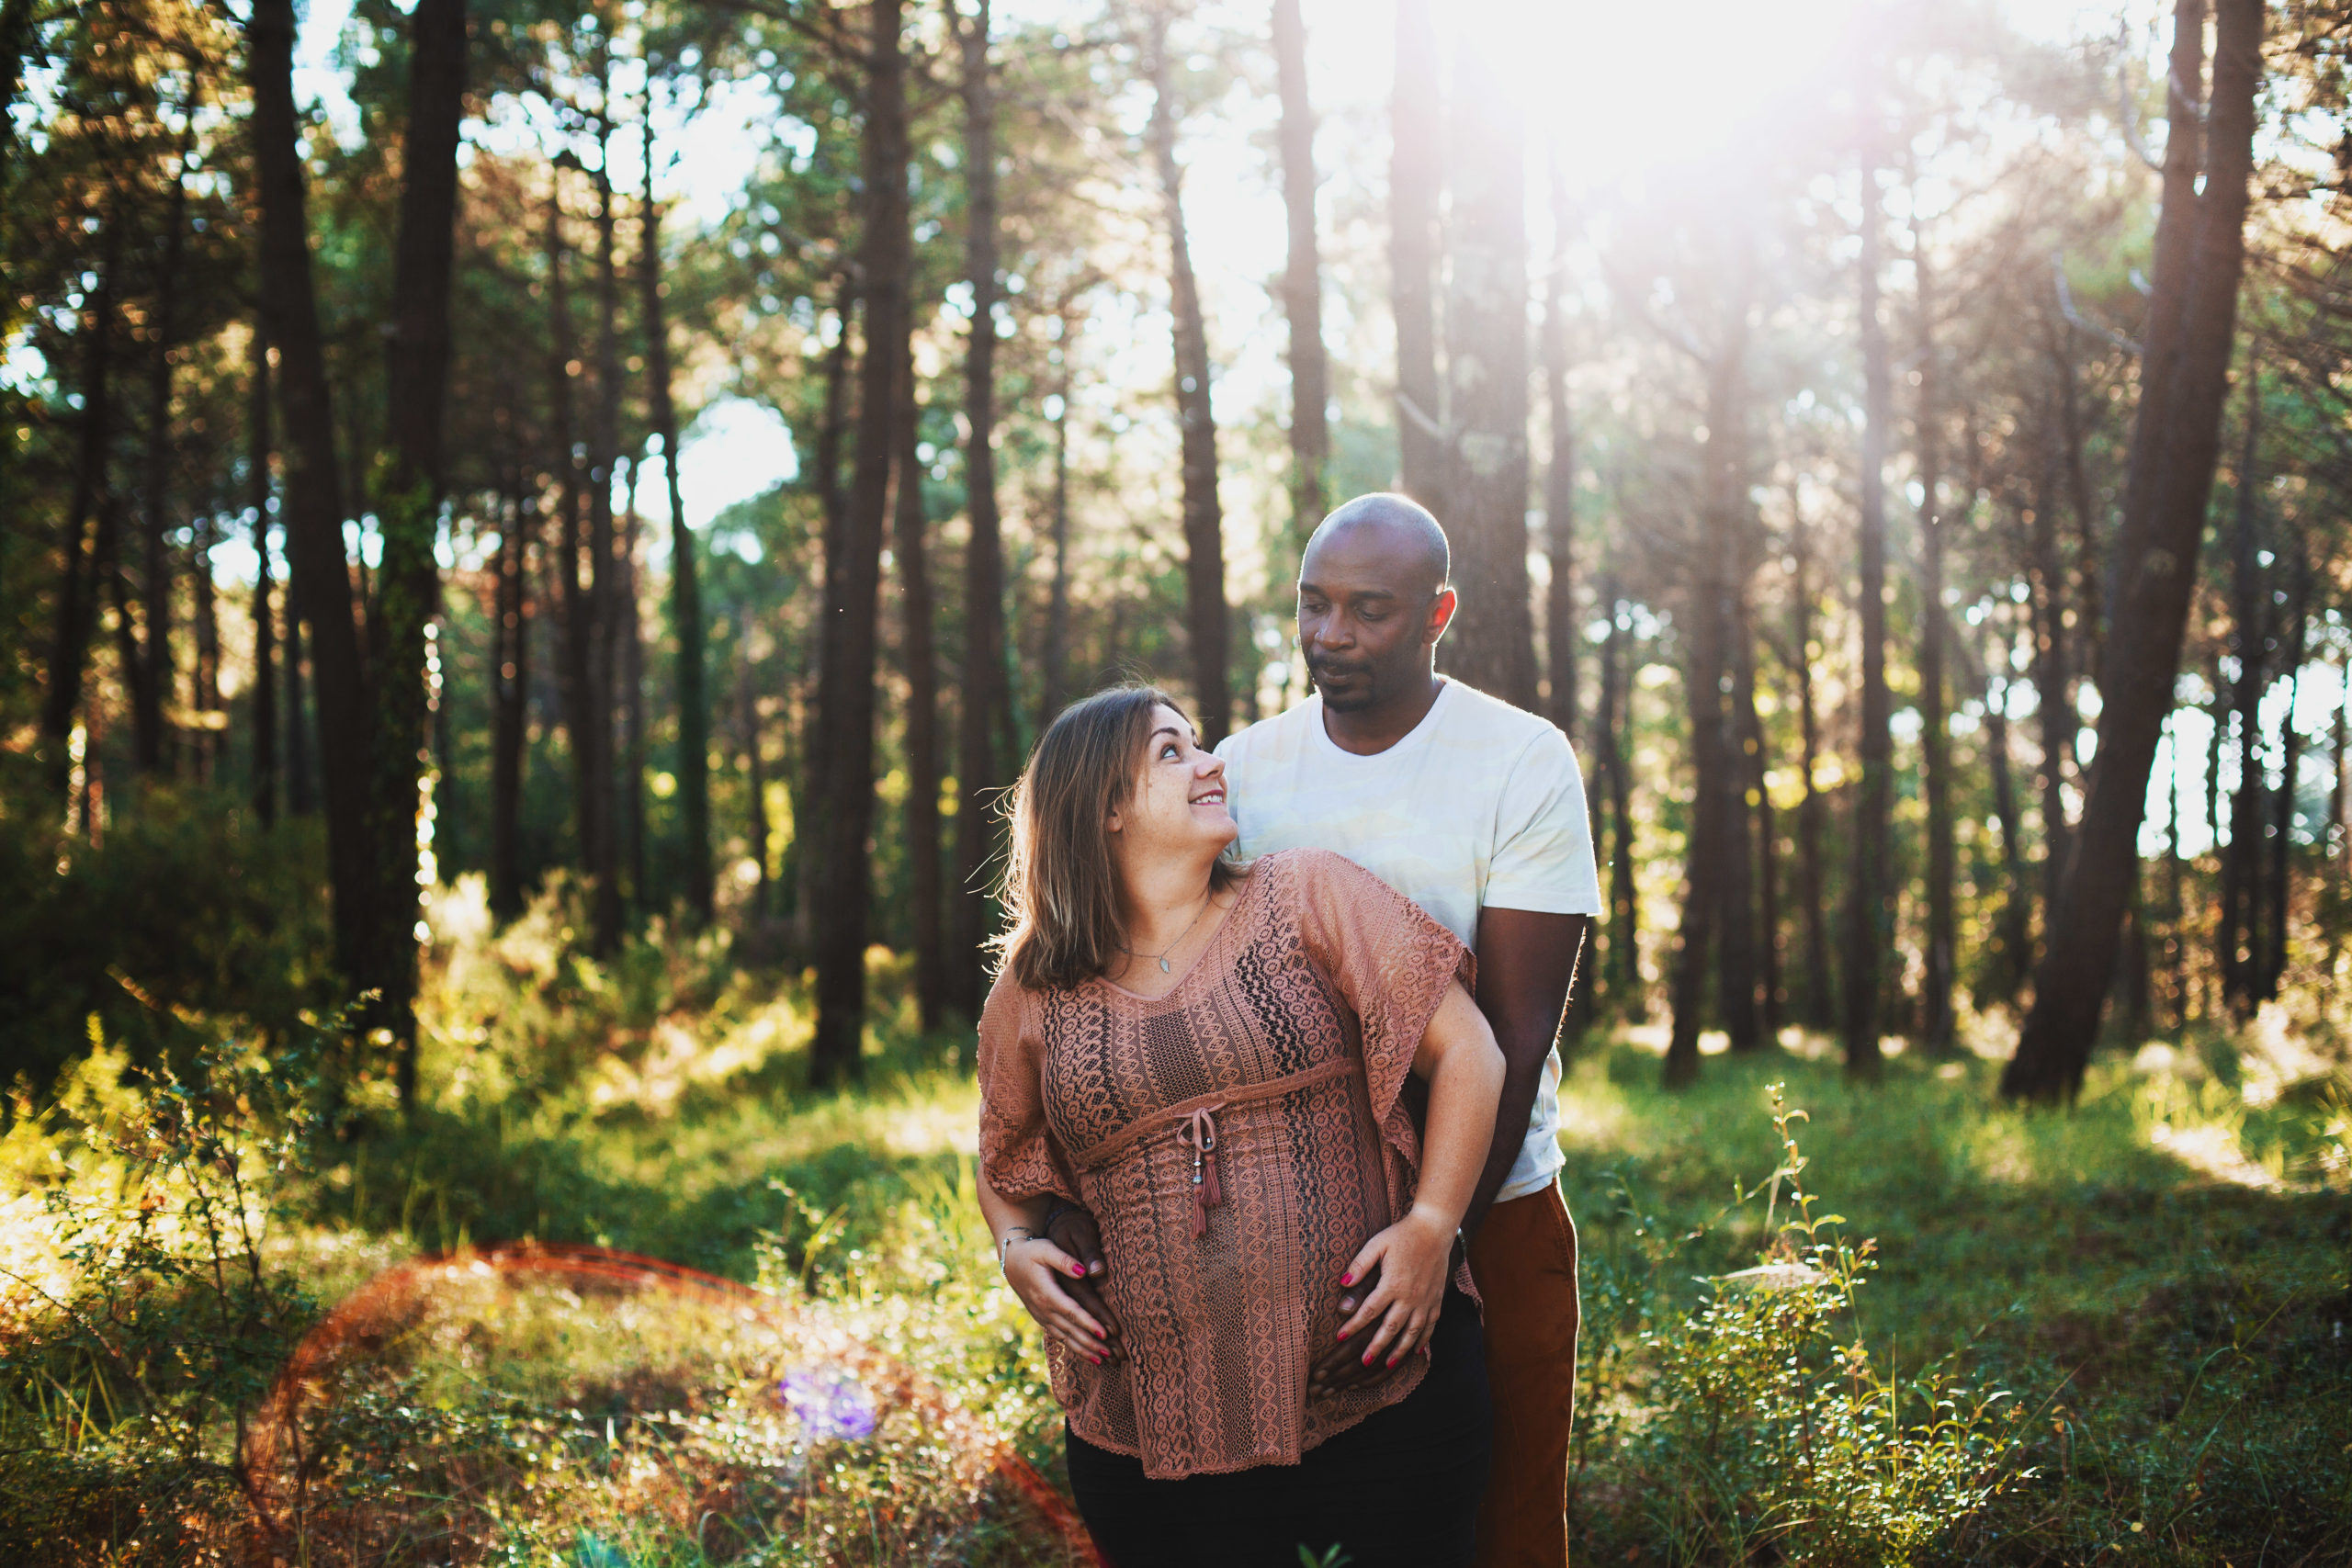 Femme enceinte et homme noir se regardent dans une fôret pendant le coucher de soleil